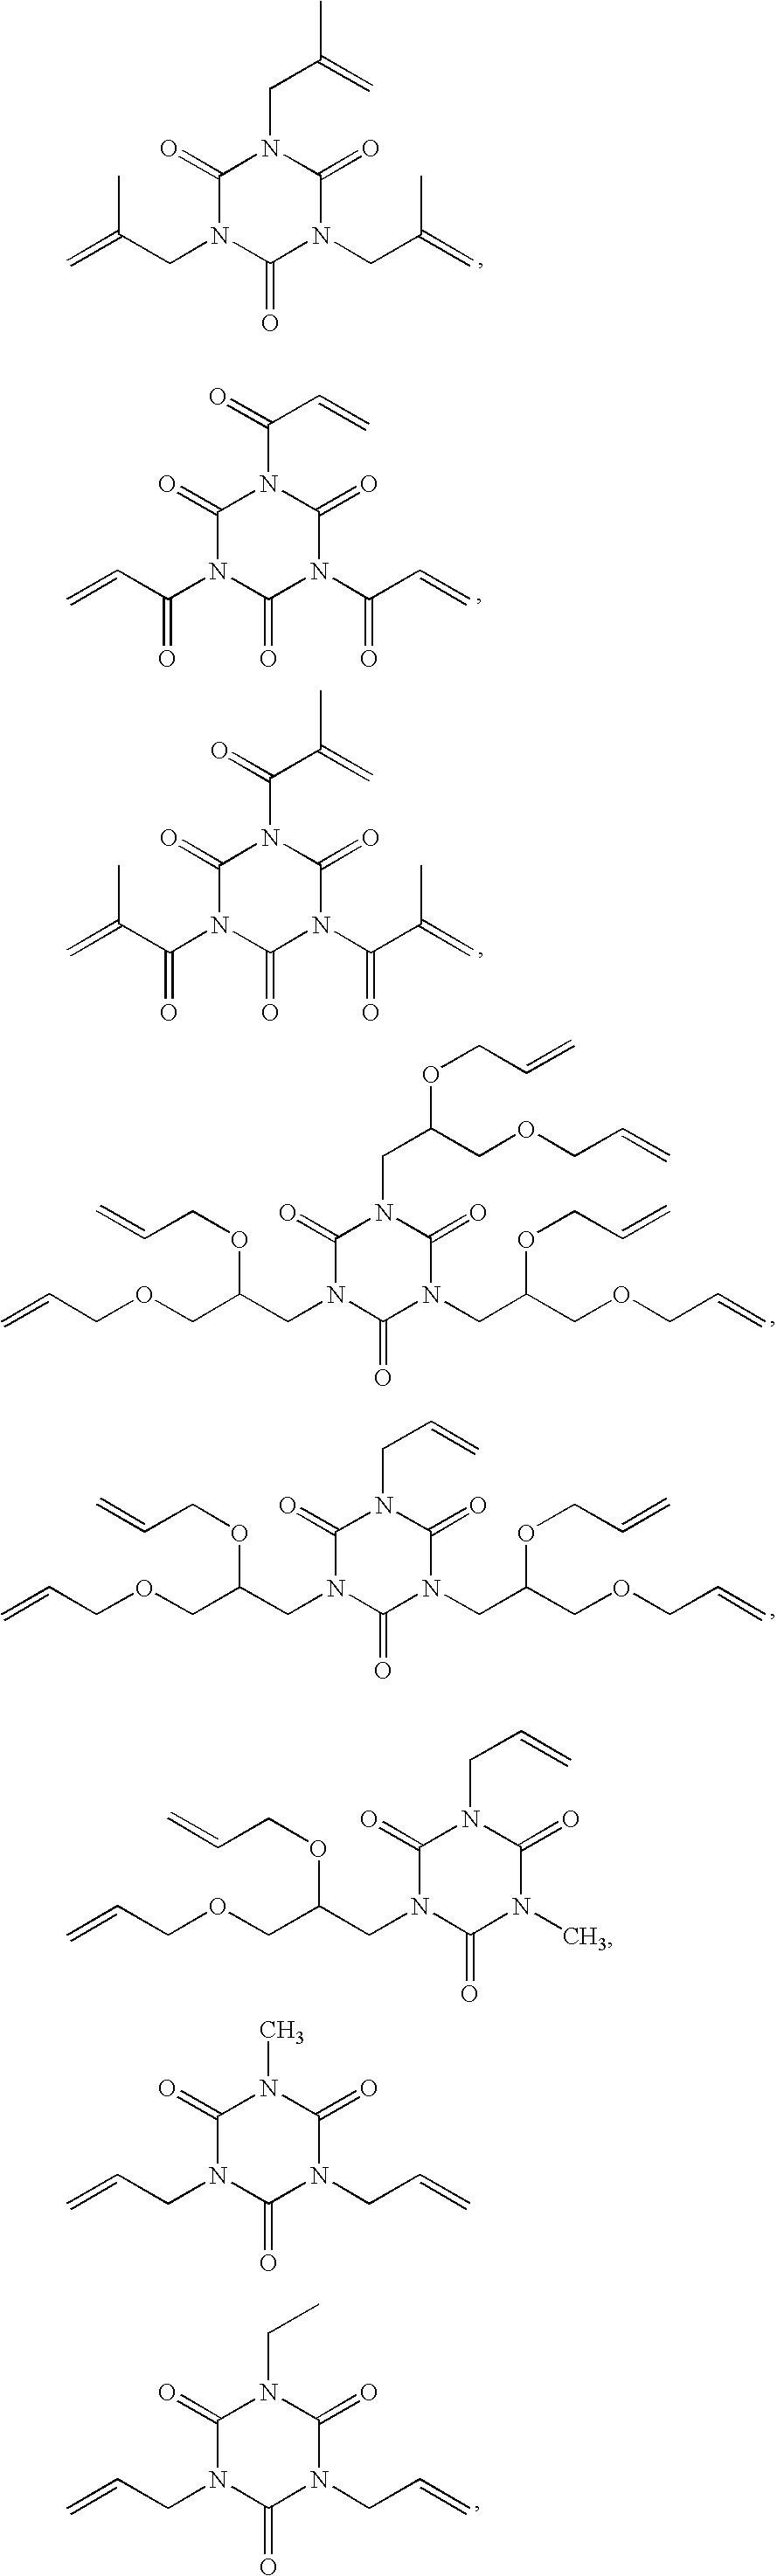 Figure US20060243947A1-20061102-C00041